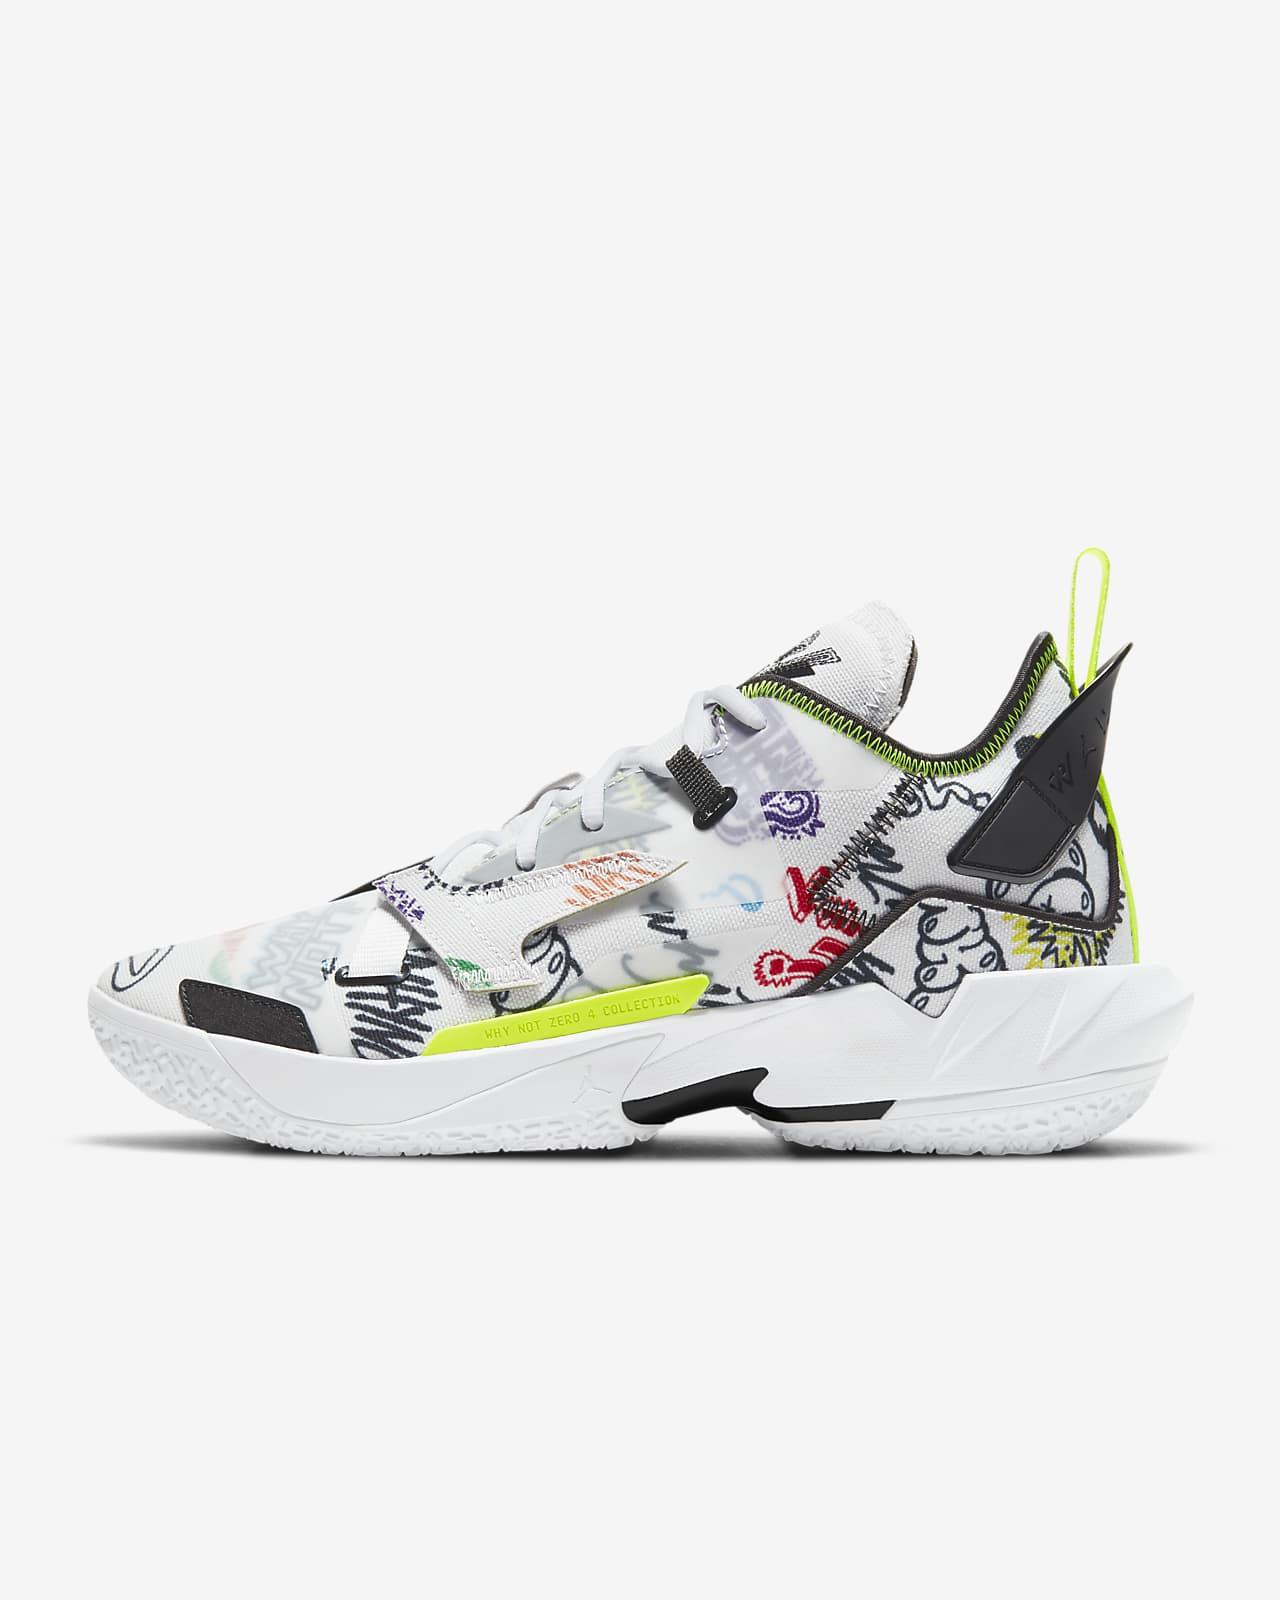 Jordan «Why Not?» Chaussure de basketball Zer0.4